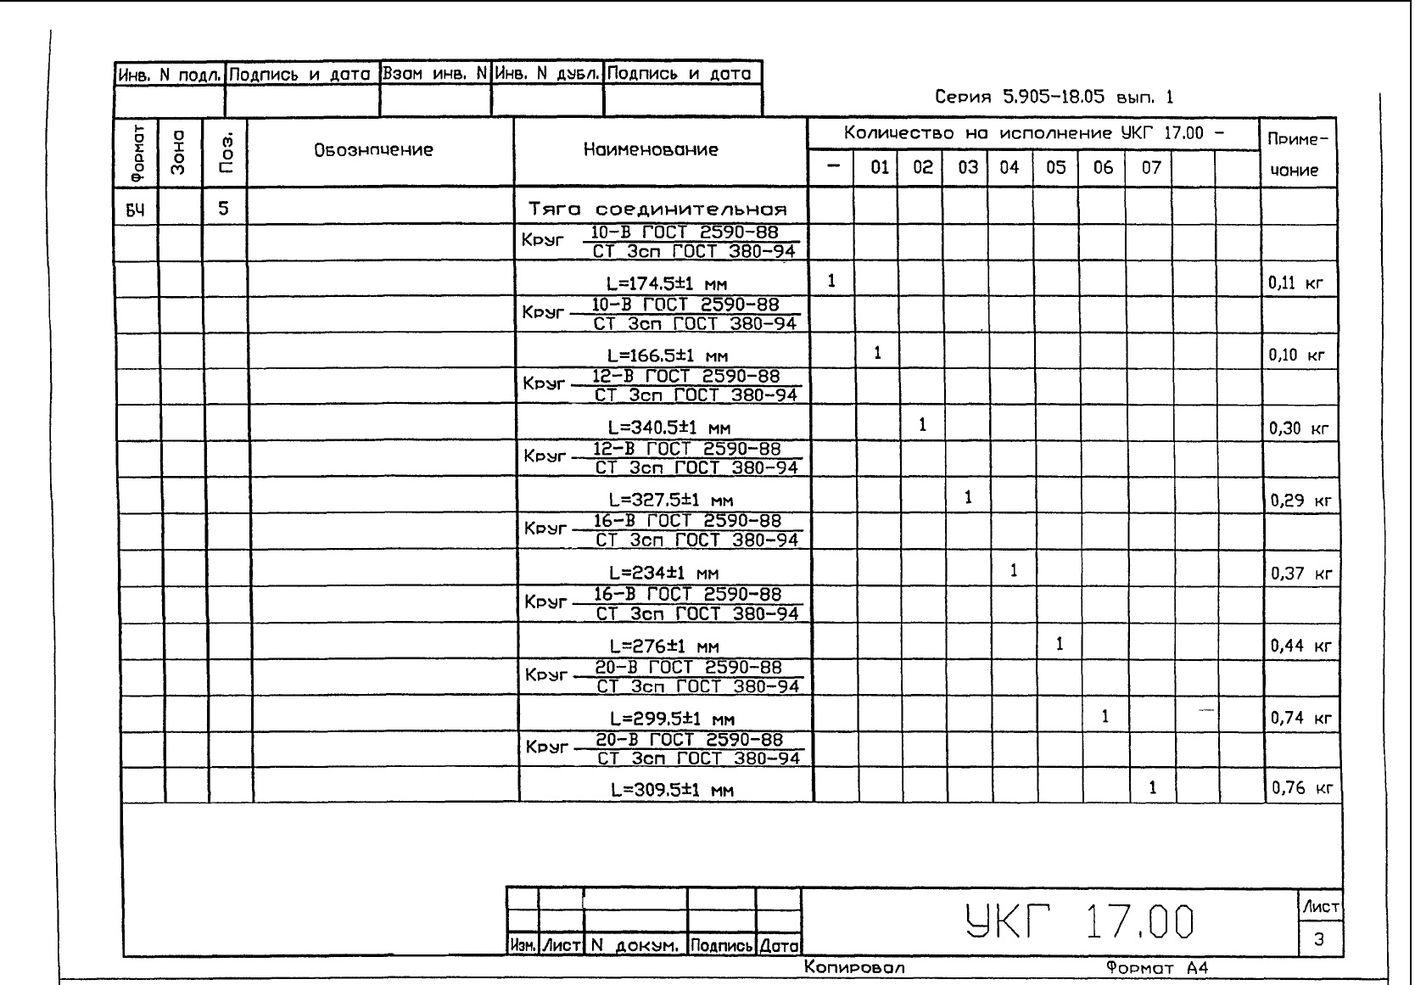 Подвеска с одной тягой, регулируемой гайкой УКГ 17.00 СБ серия 5.905-18.05 выпуск 1 стр.4